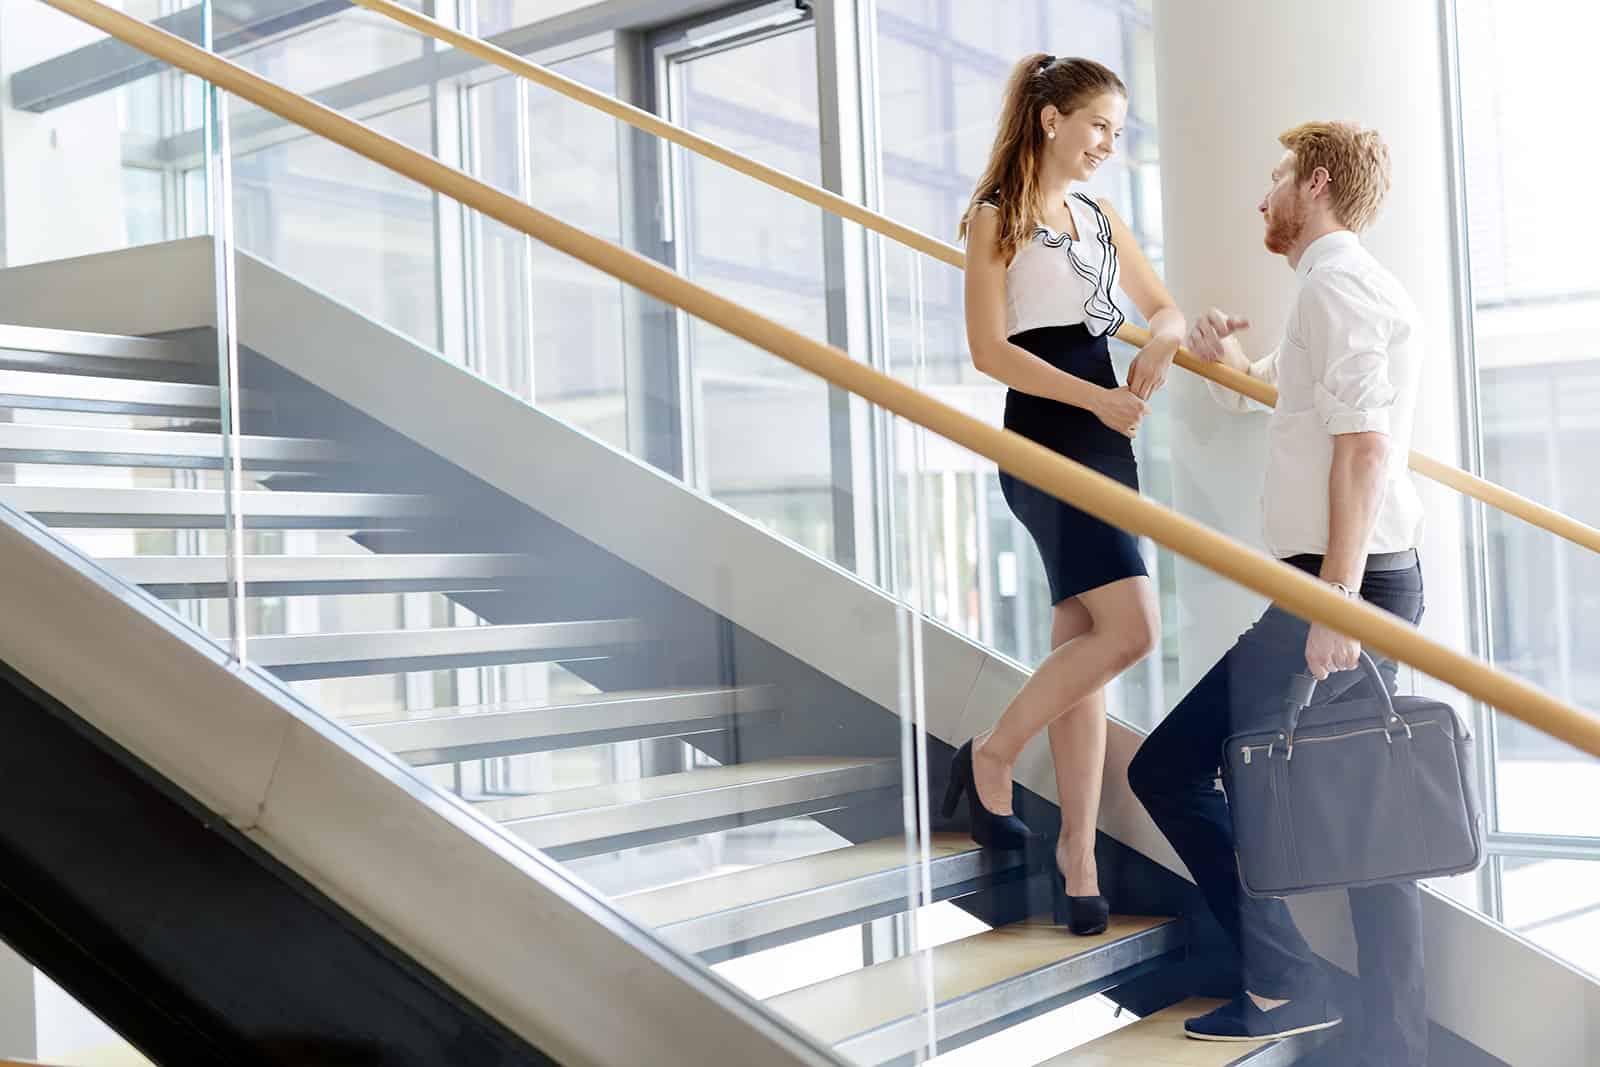 Ein Mann und eine Frau unterhalten sich auf Treppen und flirten